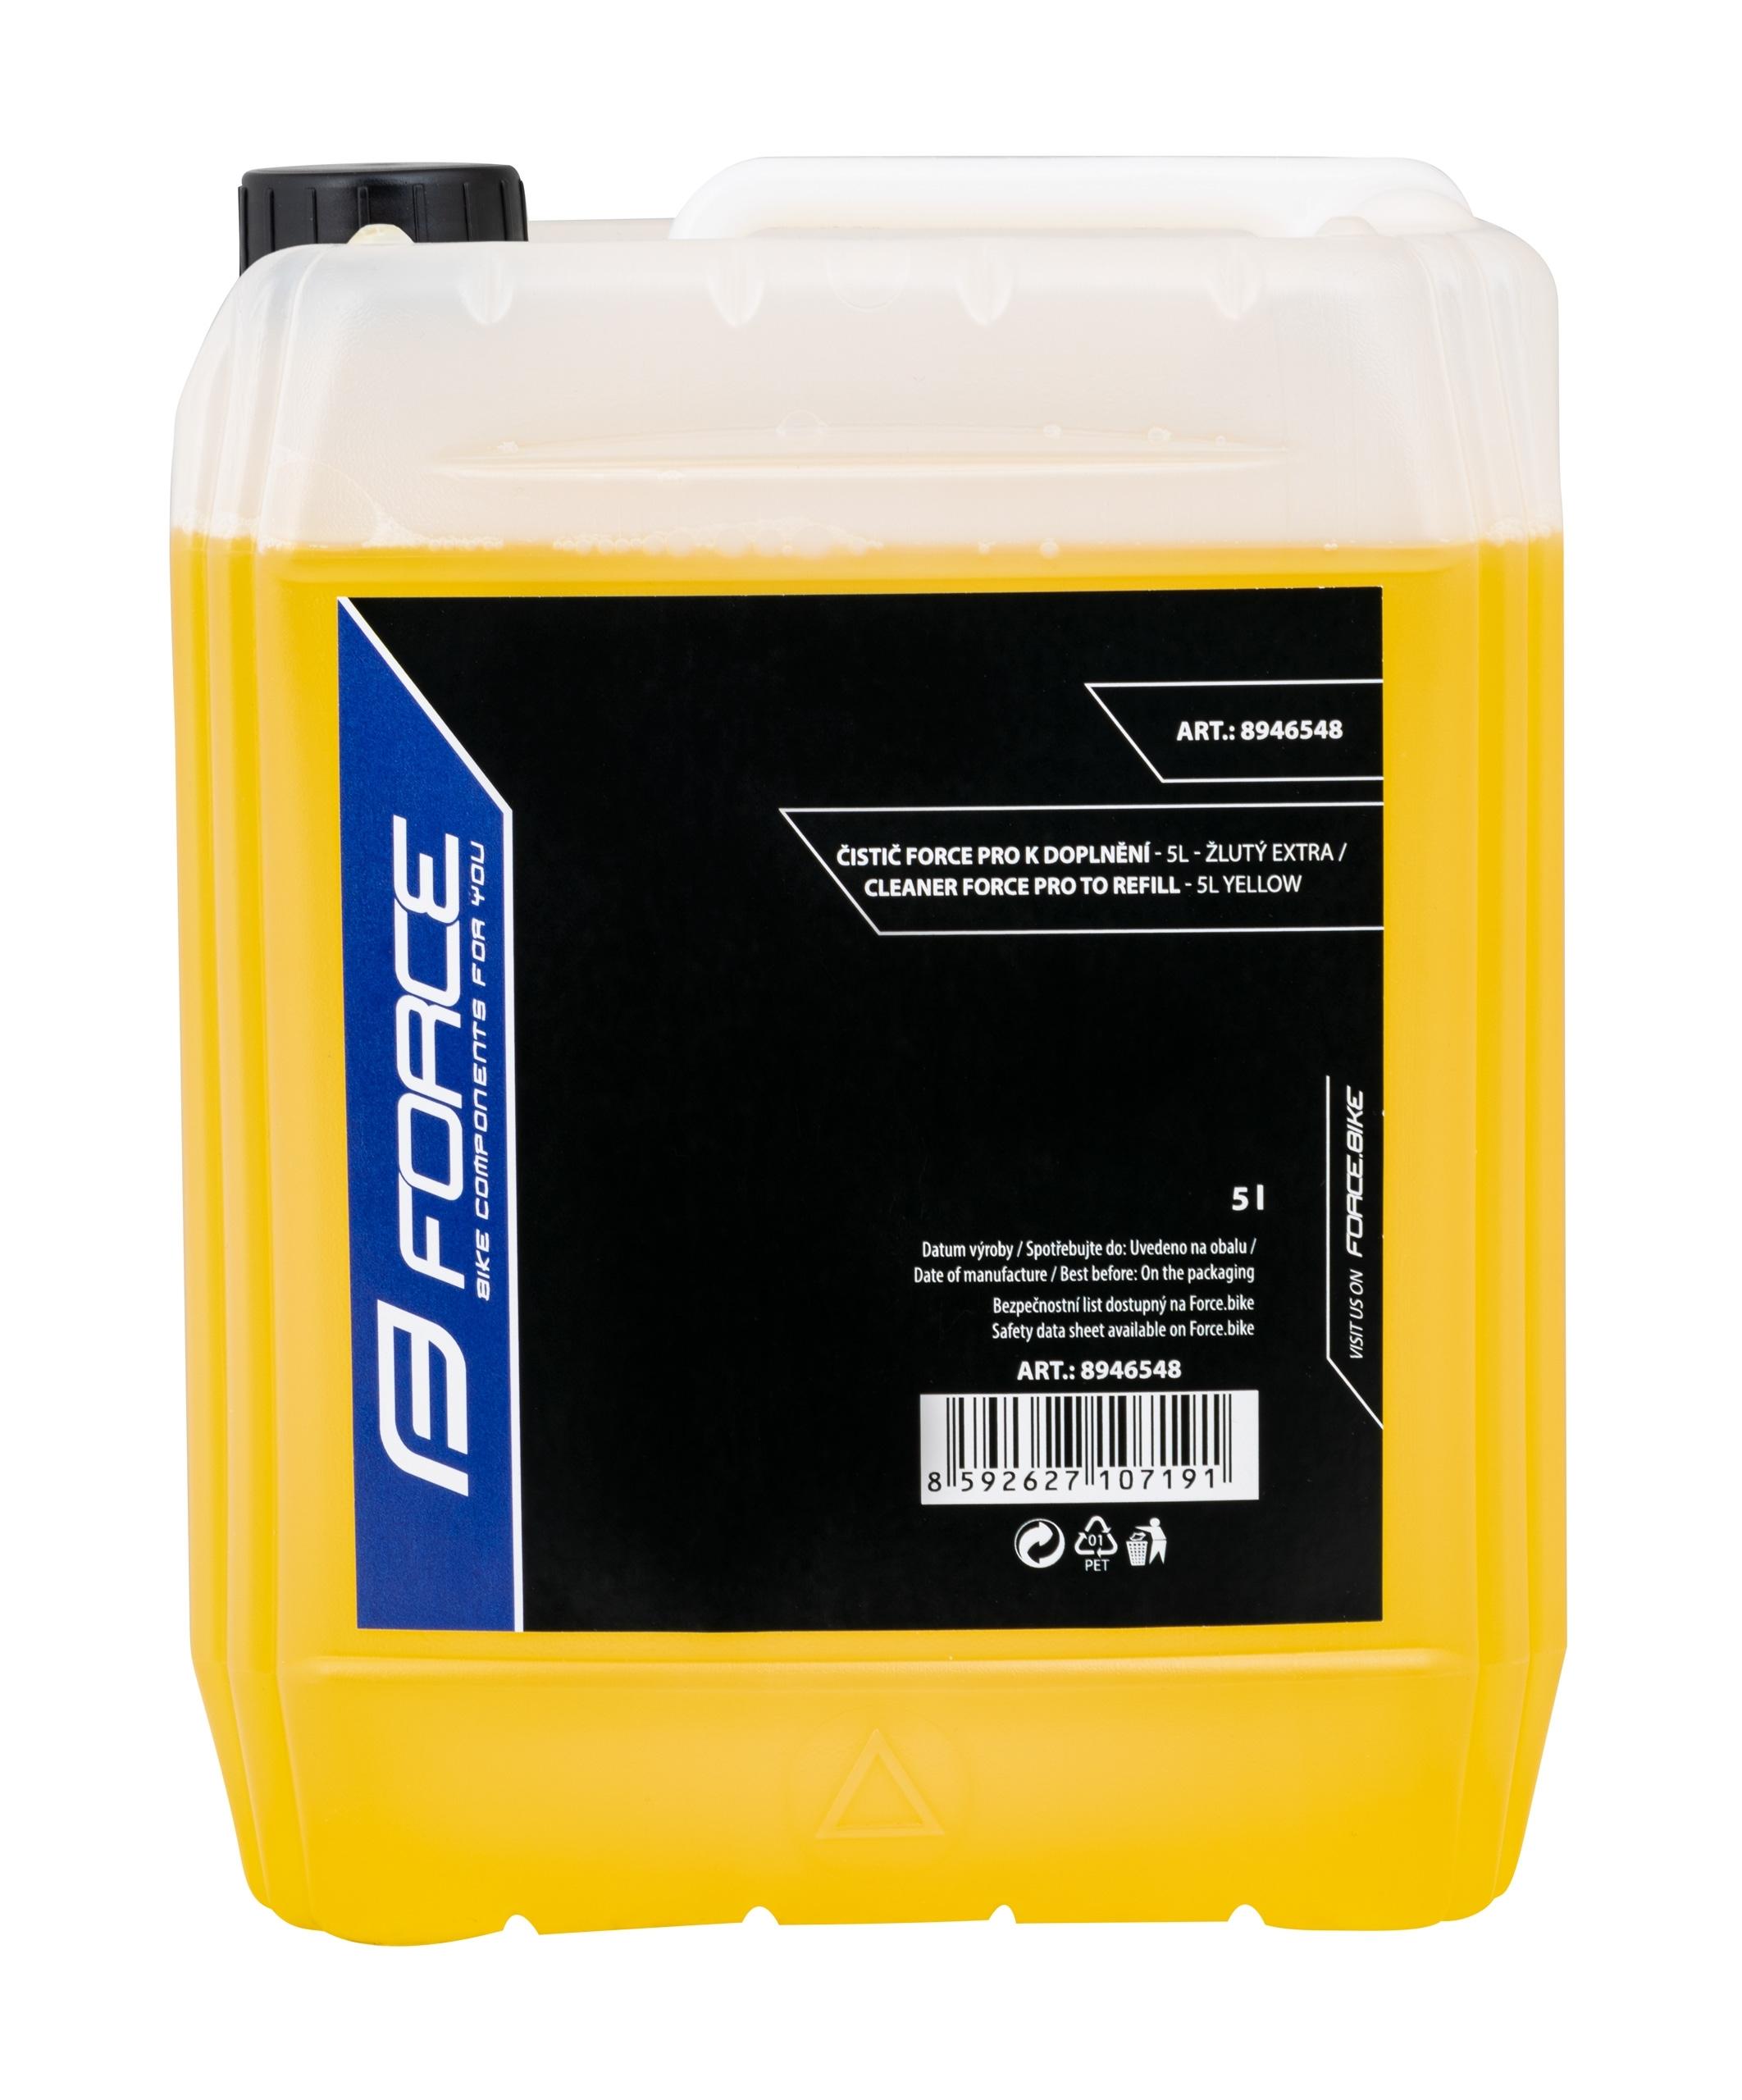 čistič FORCE PRO k doplnění - 5l - žlutý EXTRA